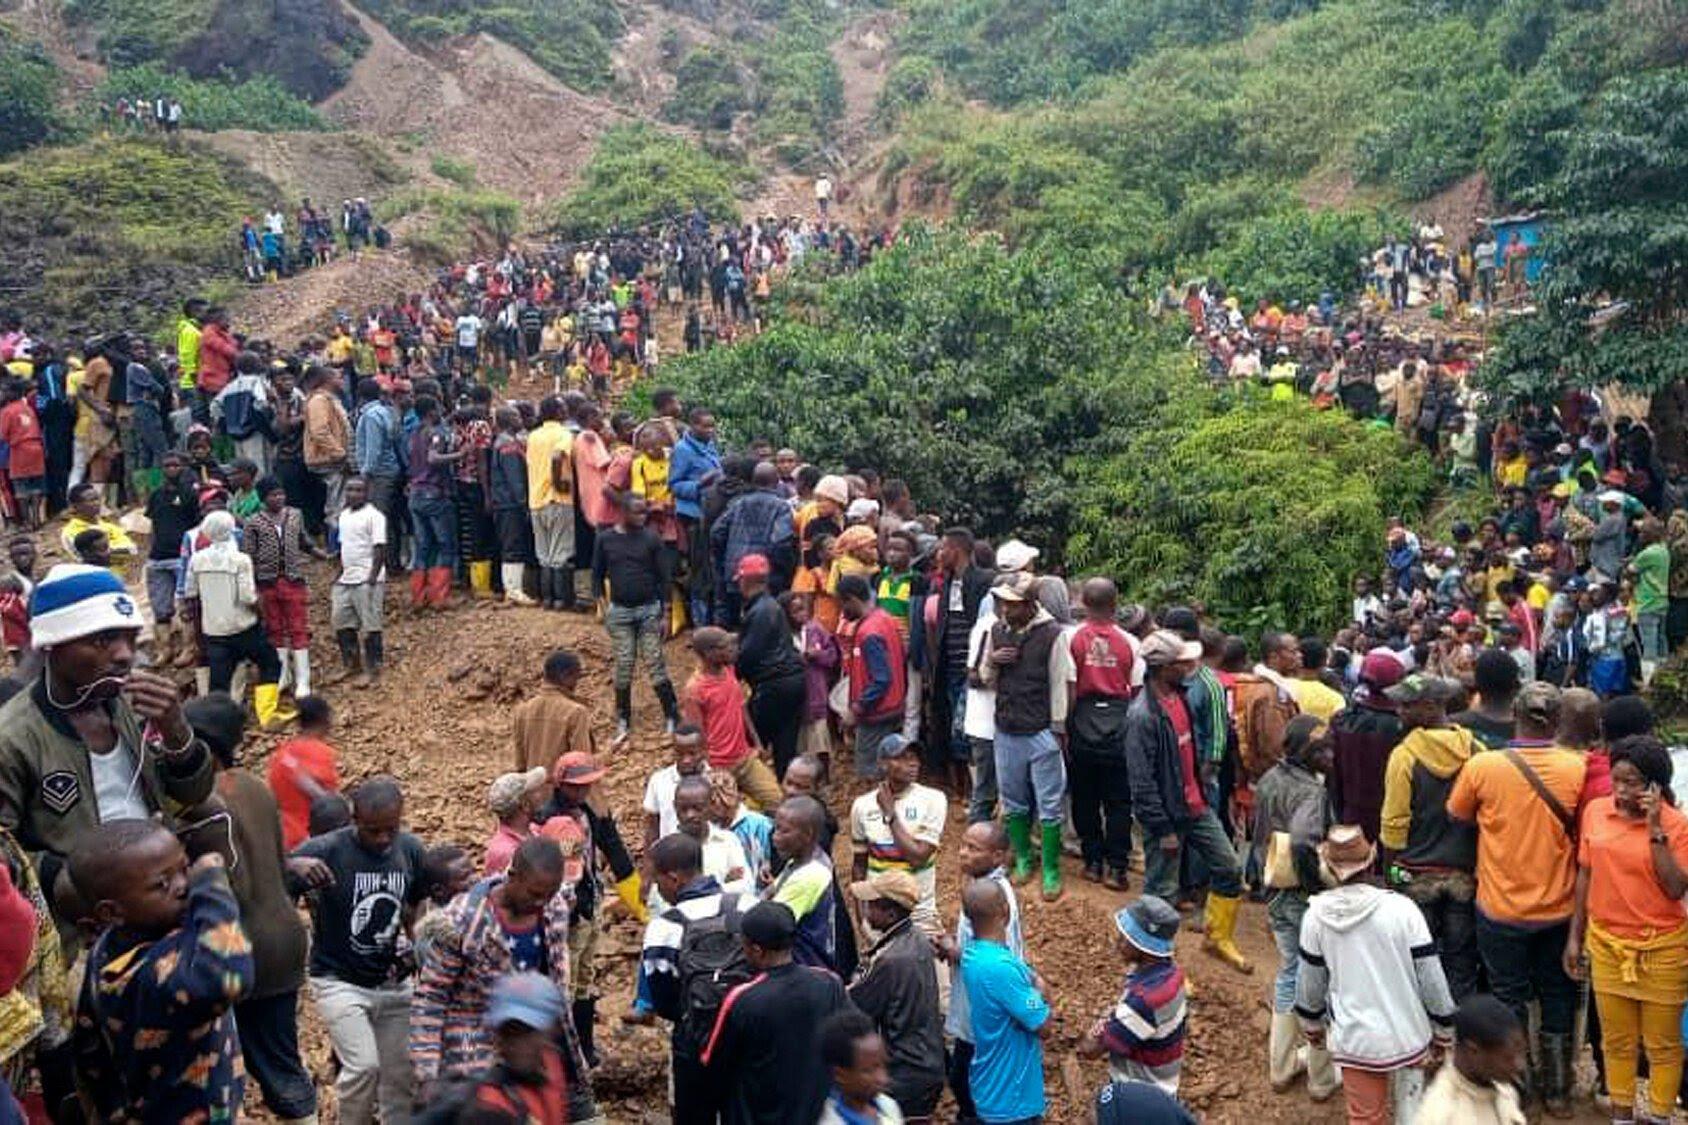 Repubblica Democratica Del Congo, Sciagura In Una Miniera Di Oro. Oltre 50 Vittime